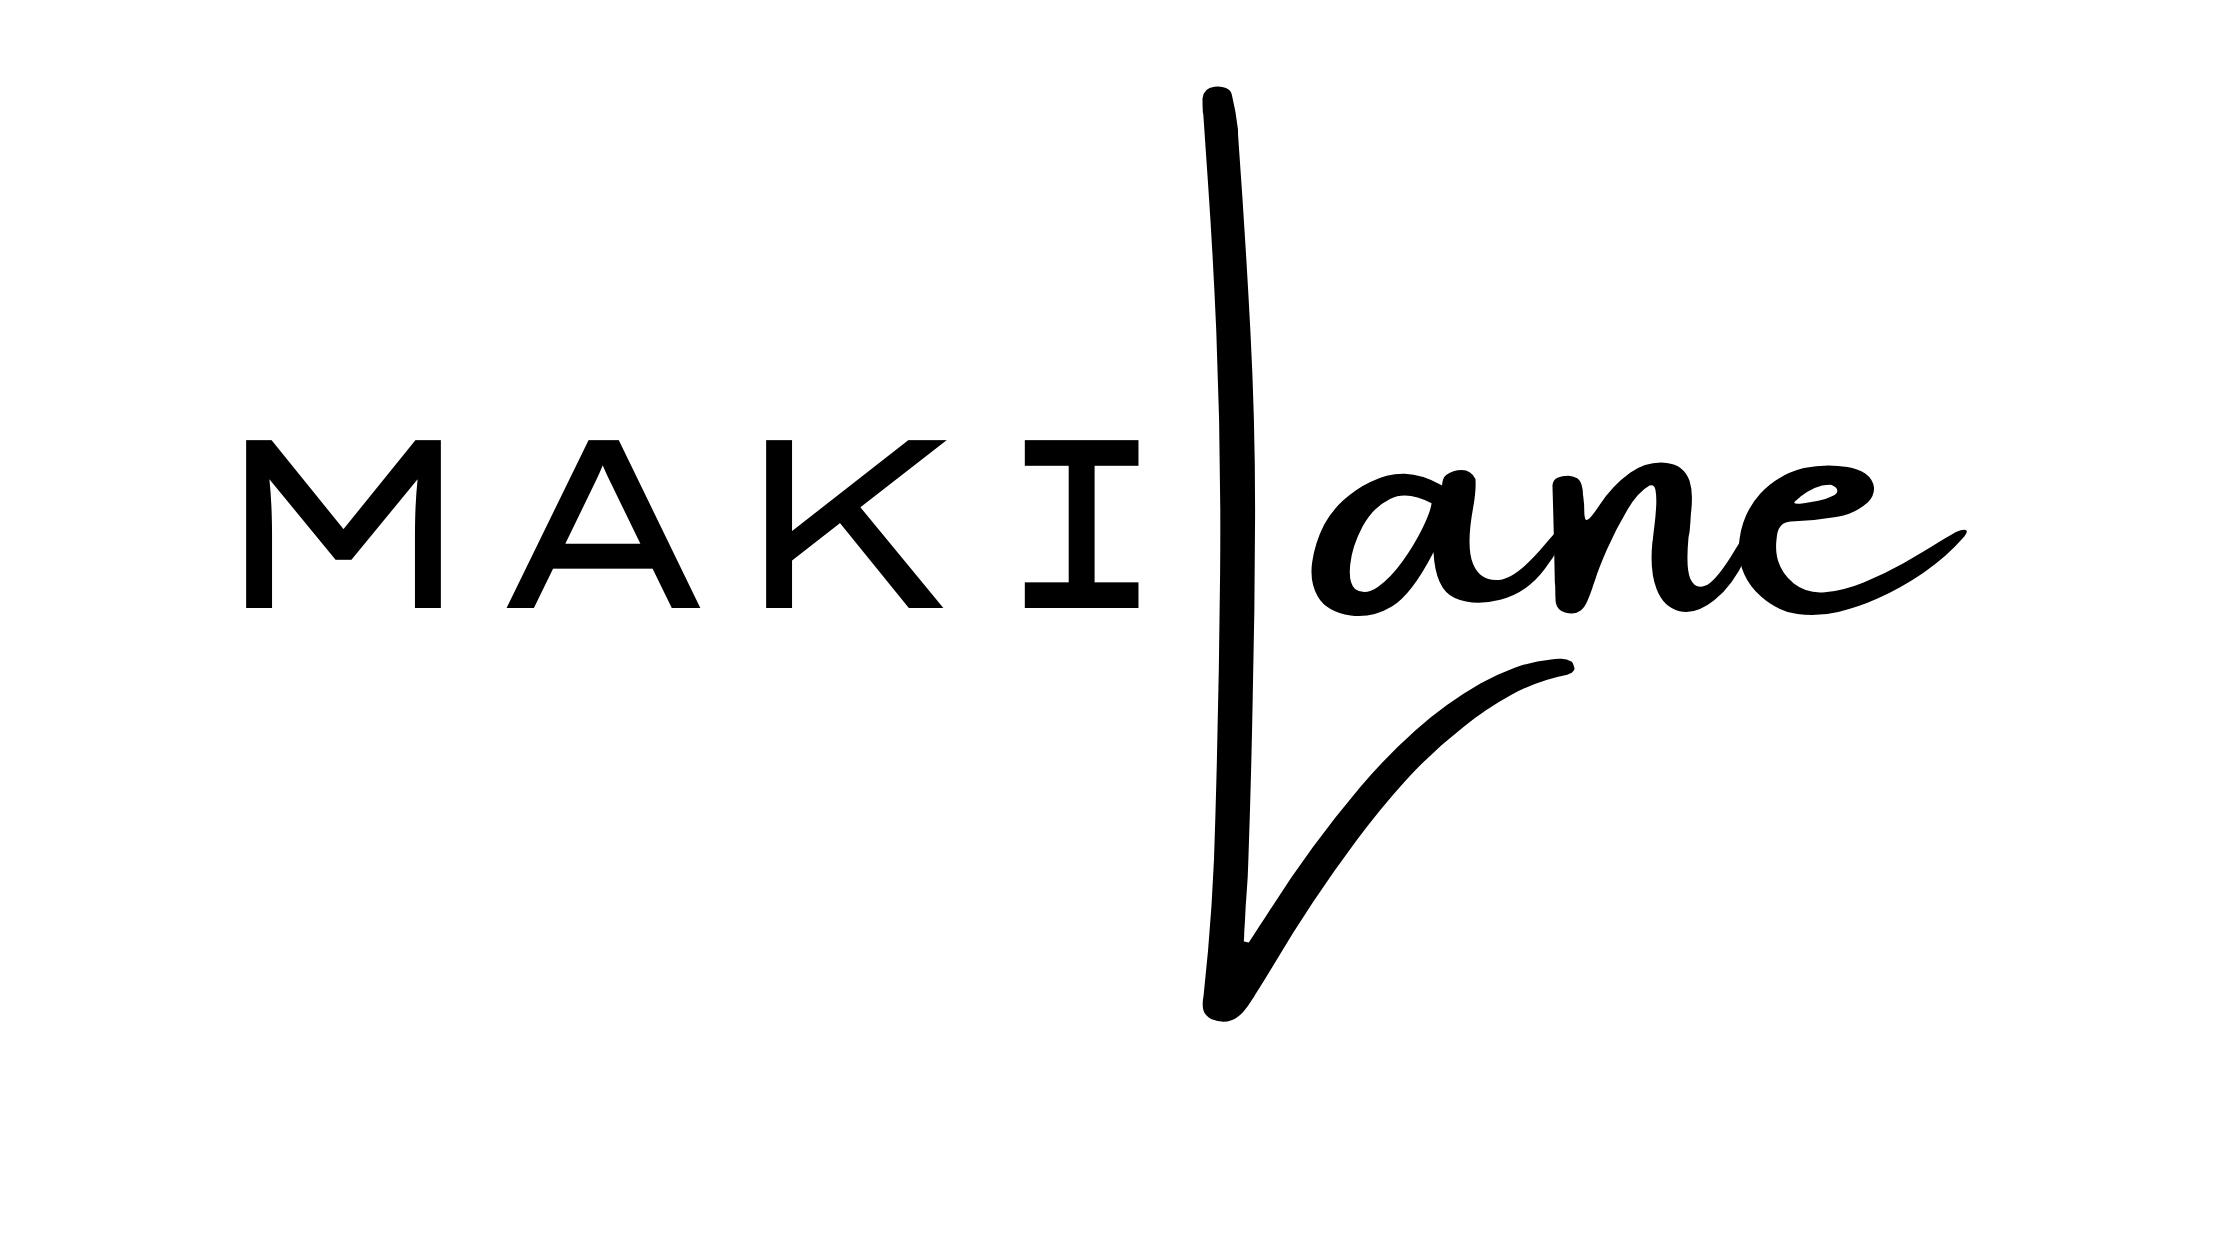 Maki Lane